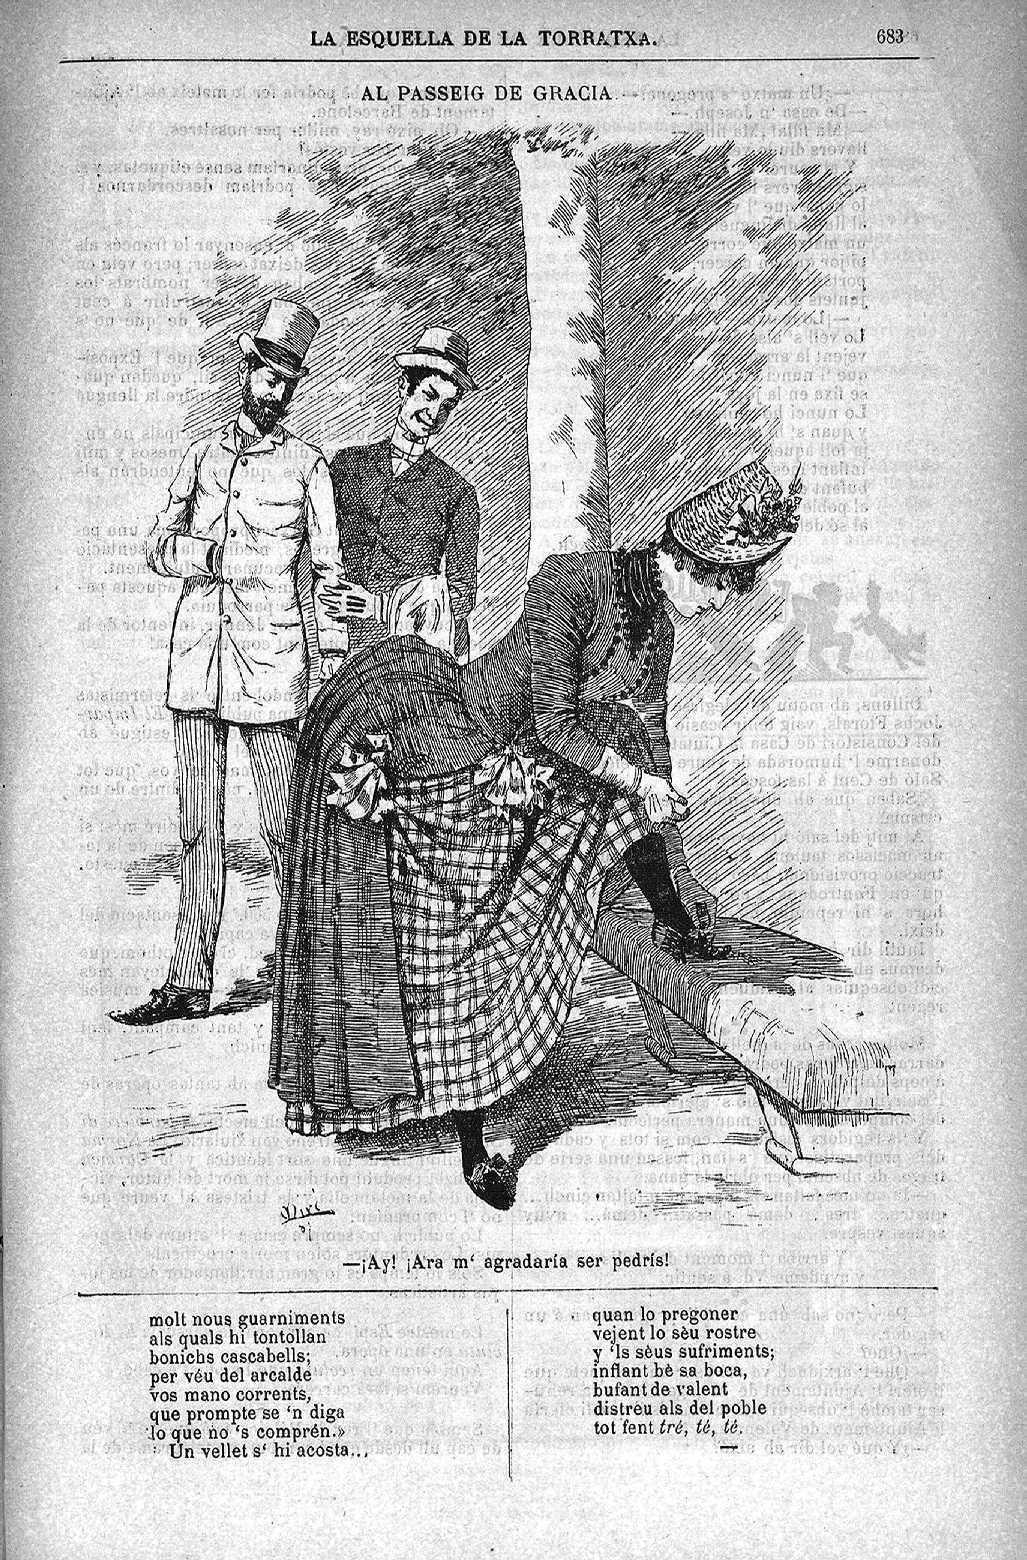 Esquella de la Torratxa, L'. Núm. 462, 19 novembre 1887, pàgina 683. Il·lustració de R. Miró.